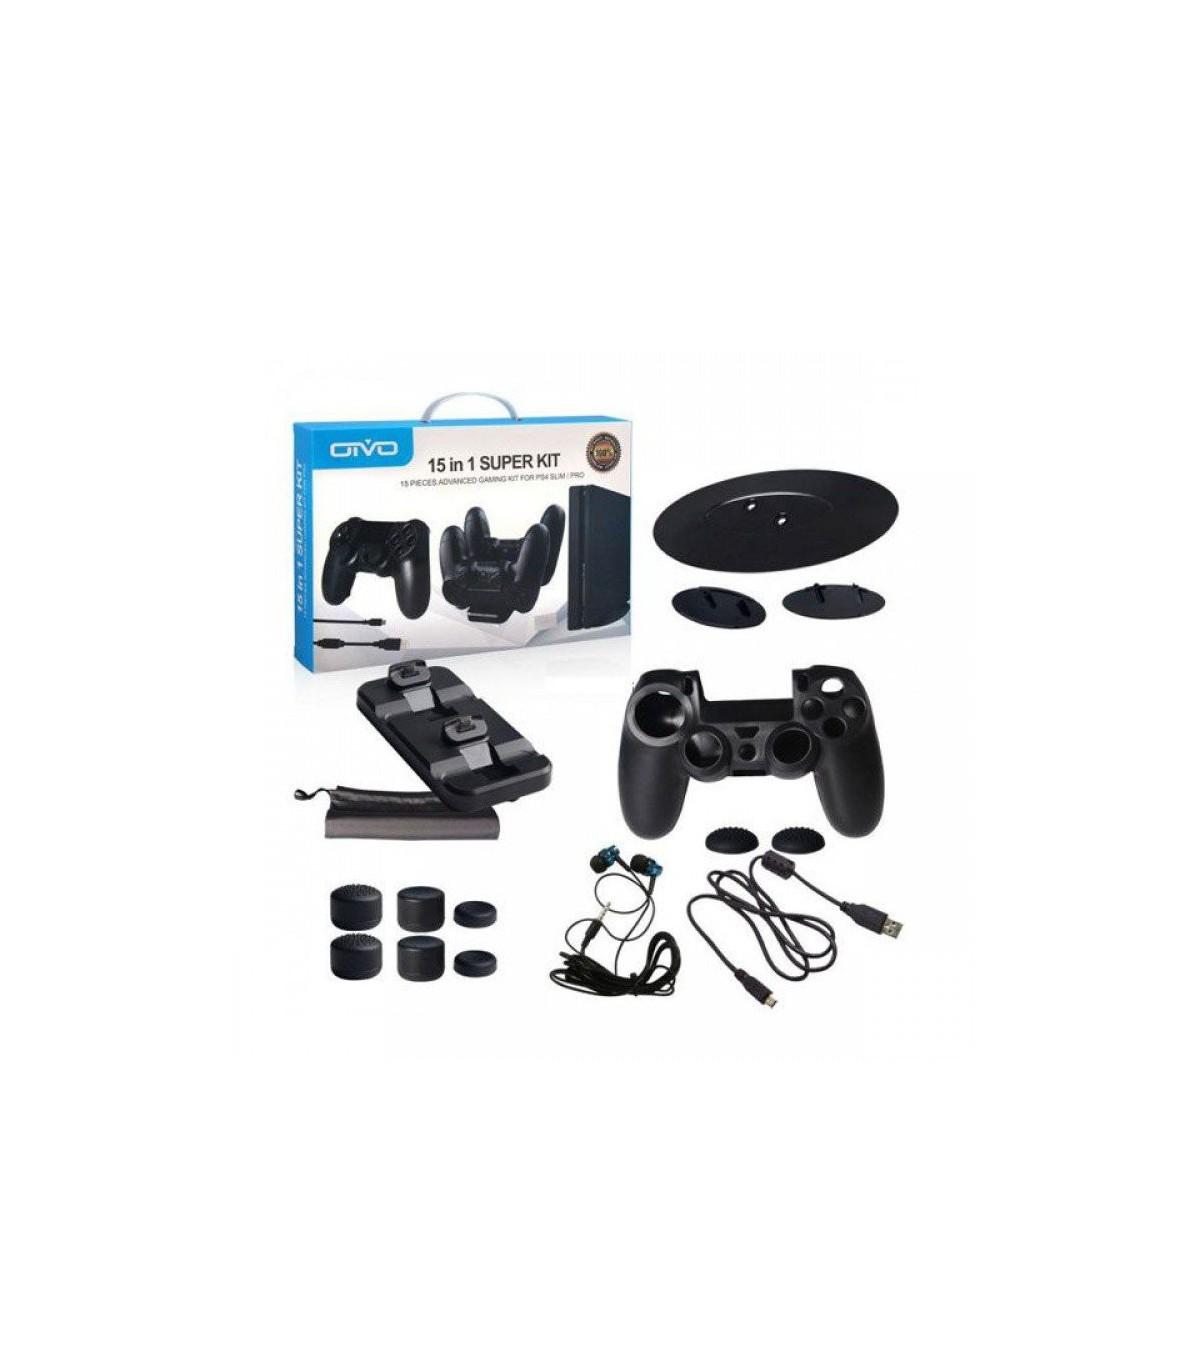 کیت ۱۵ کاره برای پلی استیشن ۴  OTVO 15 in 1 Super Kit  PS4